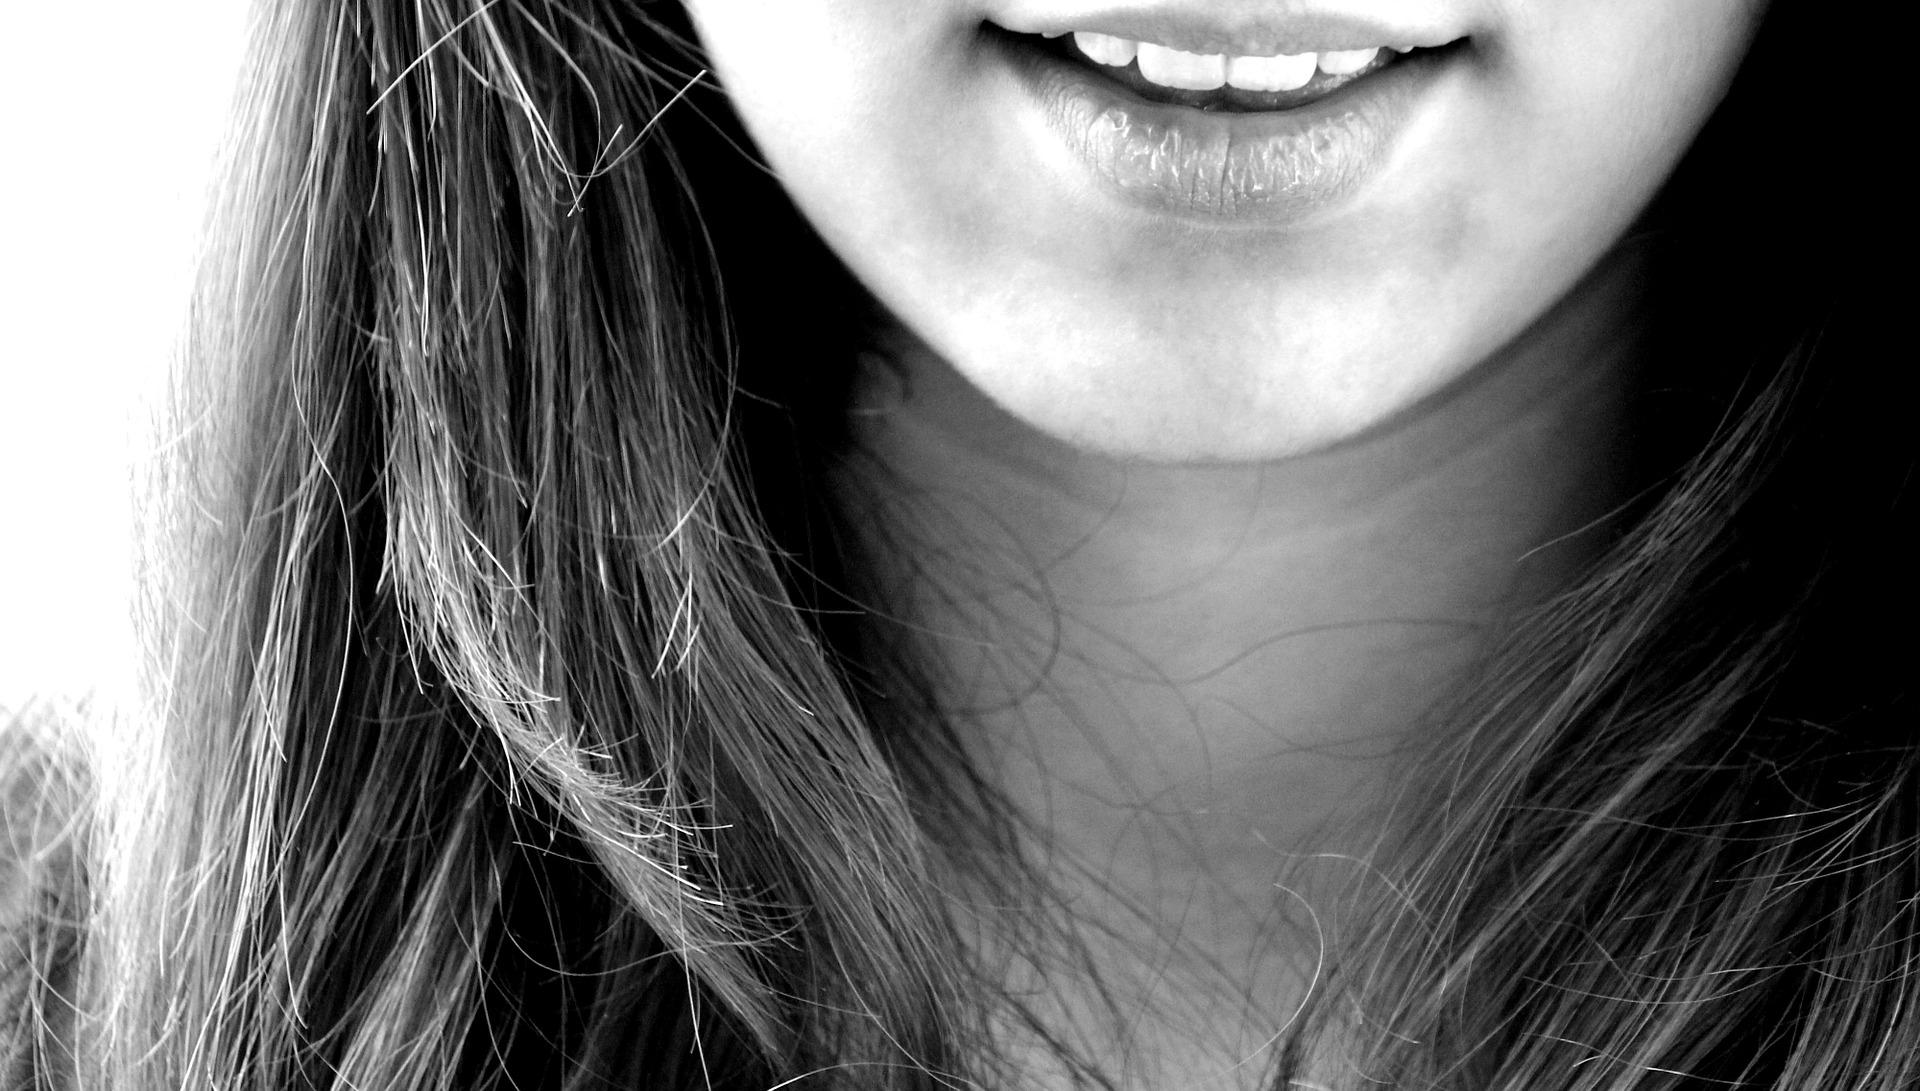 症状・疾患別受診すべき医療機関-③歯・口周りの症状(歯科・口腔外科)